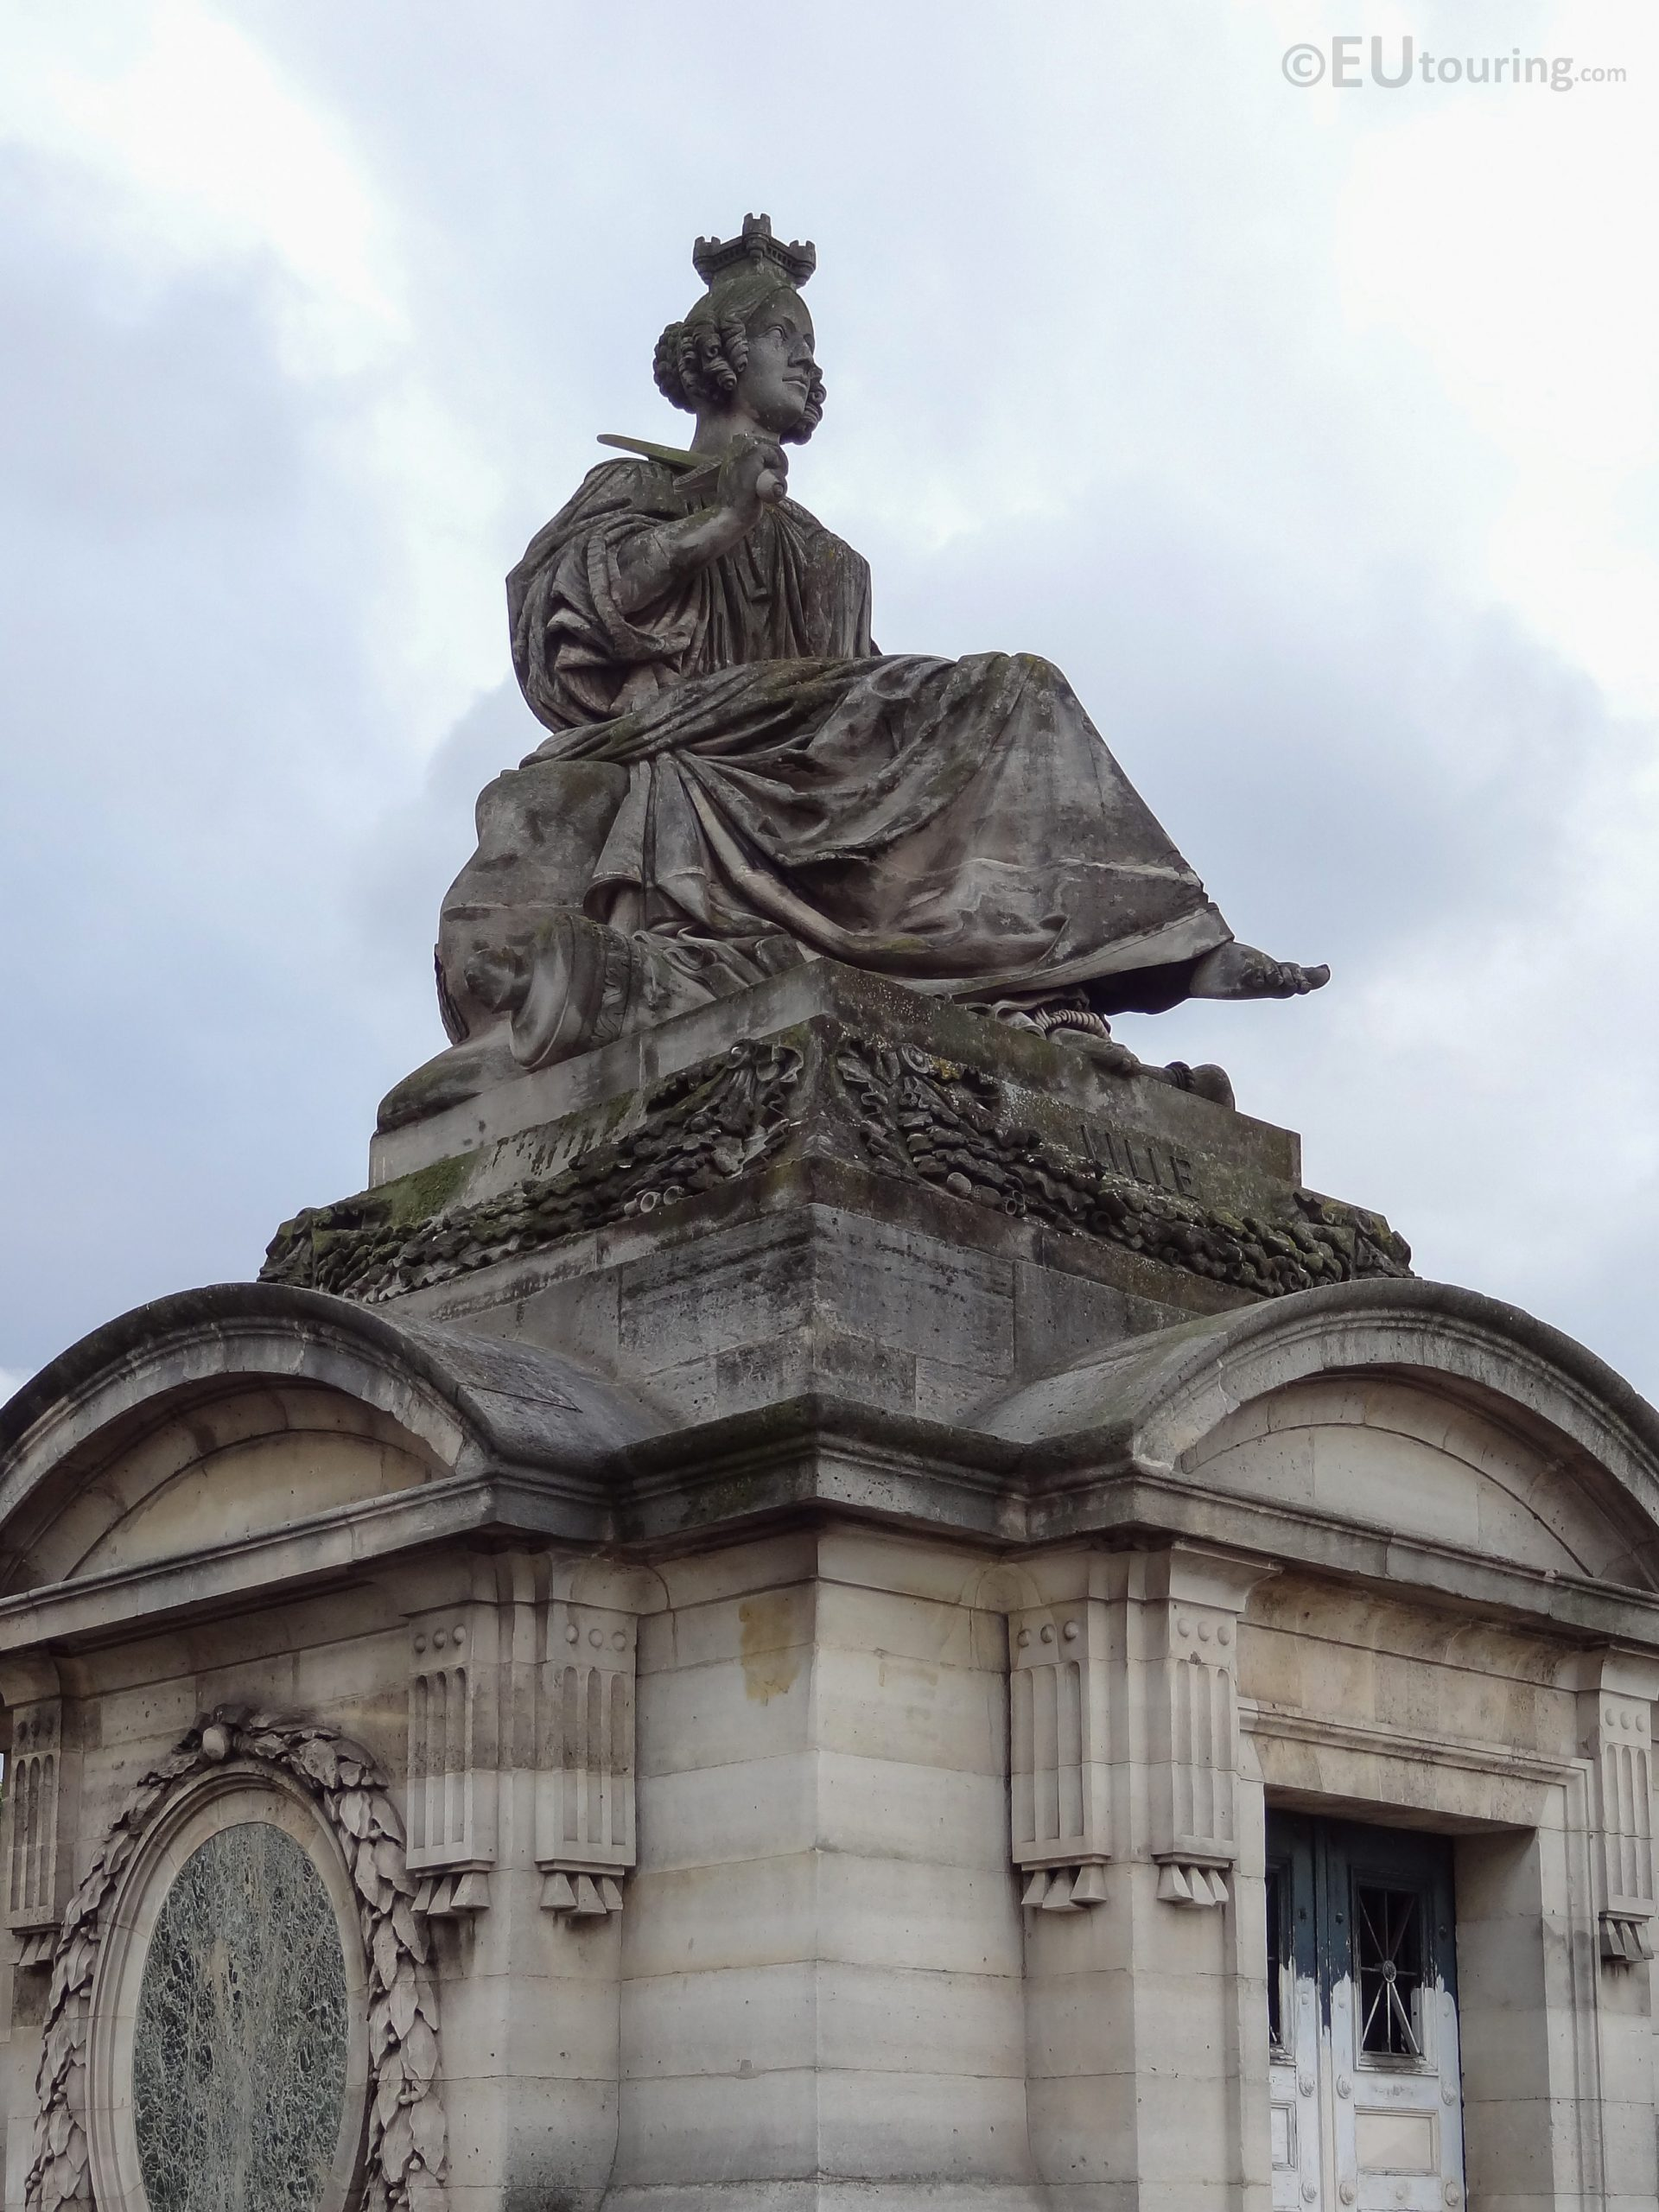 Lille Statue Inside Place De La Concorde - Page 1037 tout Statues De Jardin Occasion